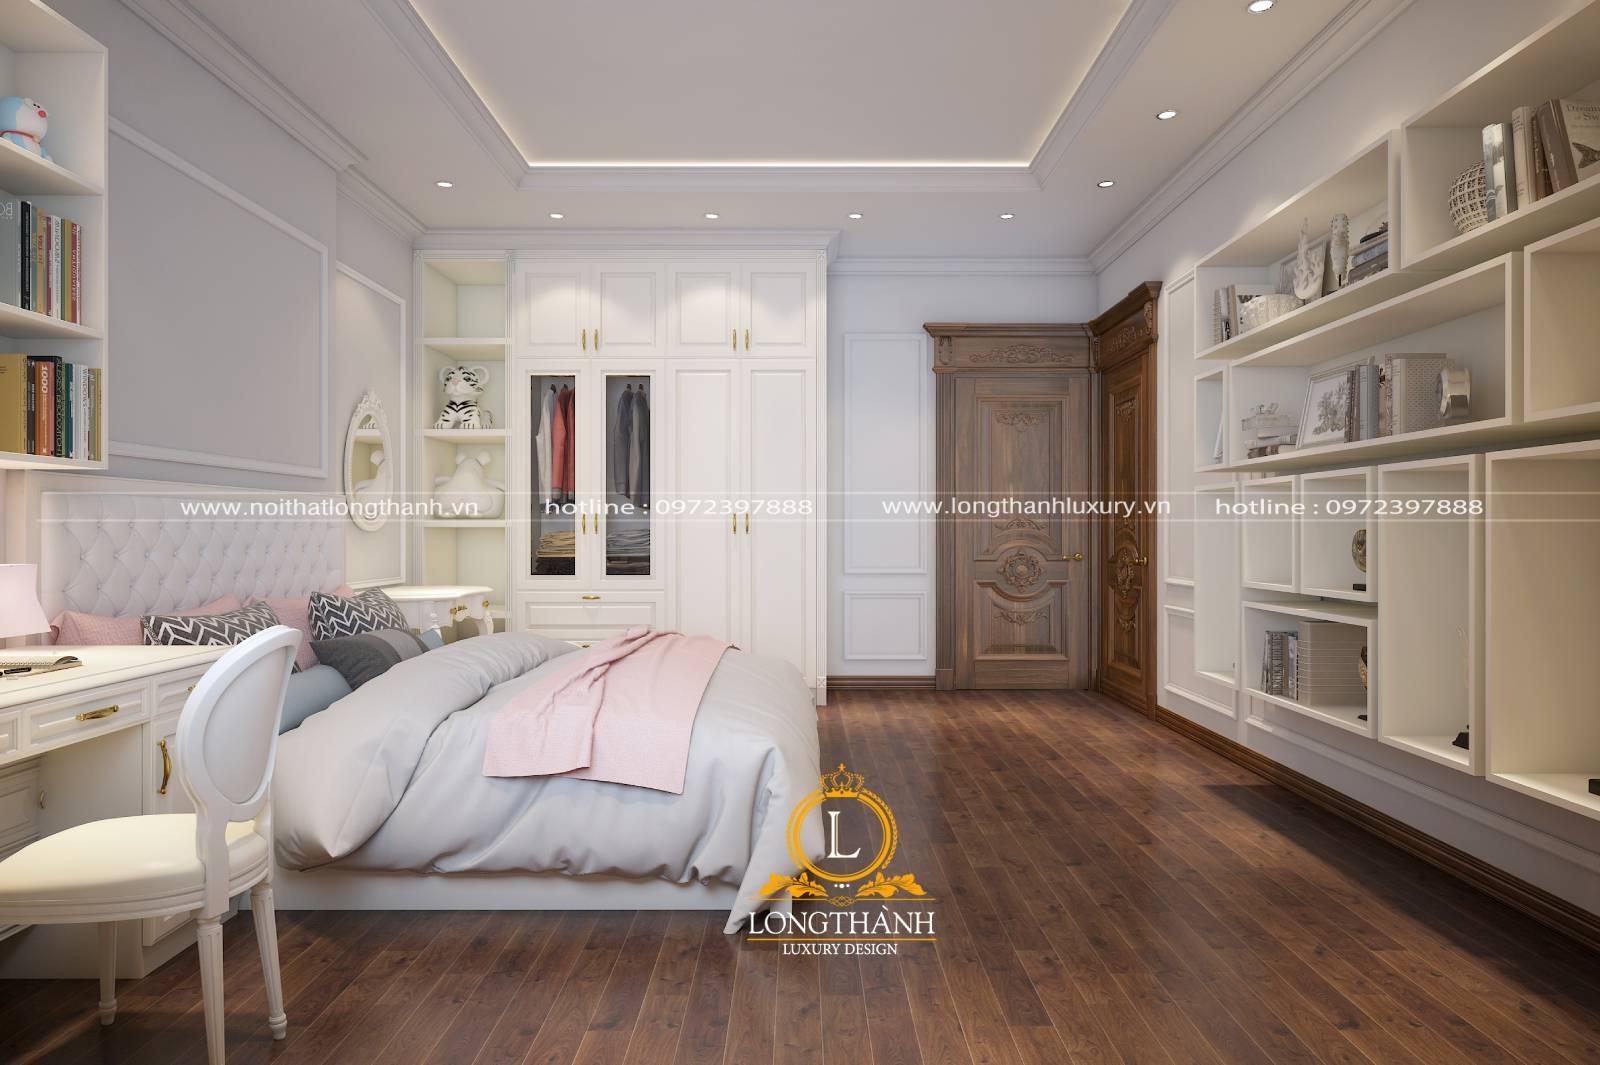 Giường và tủ quần áo phòng ngủ tân cổ điển được sơn trắng cao cấp